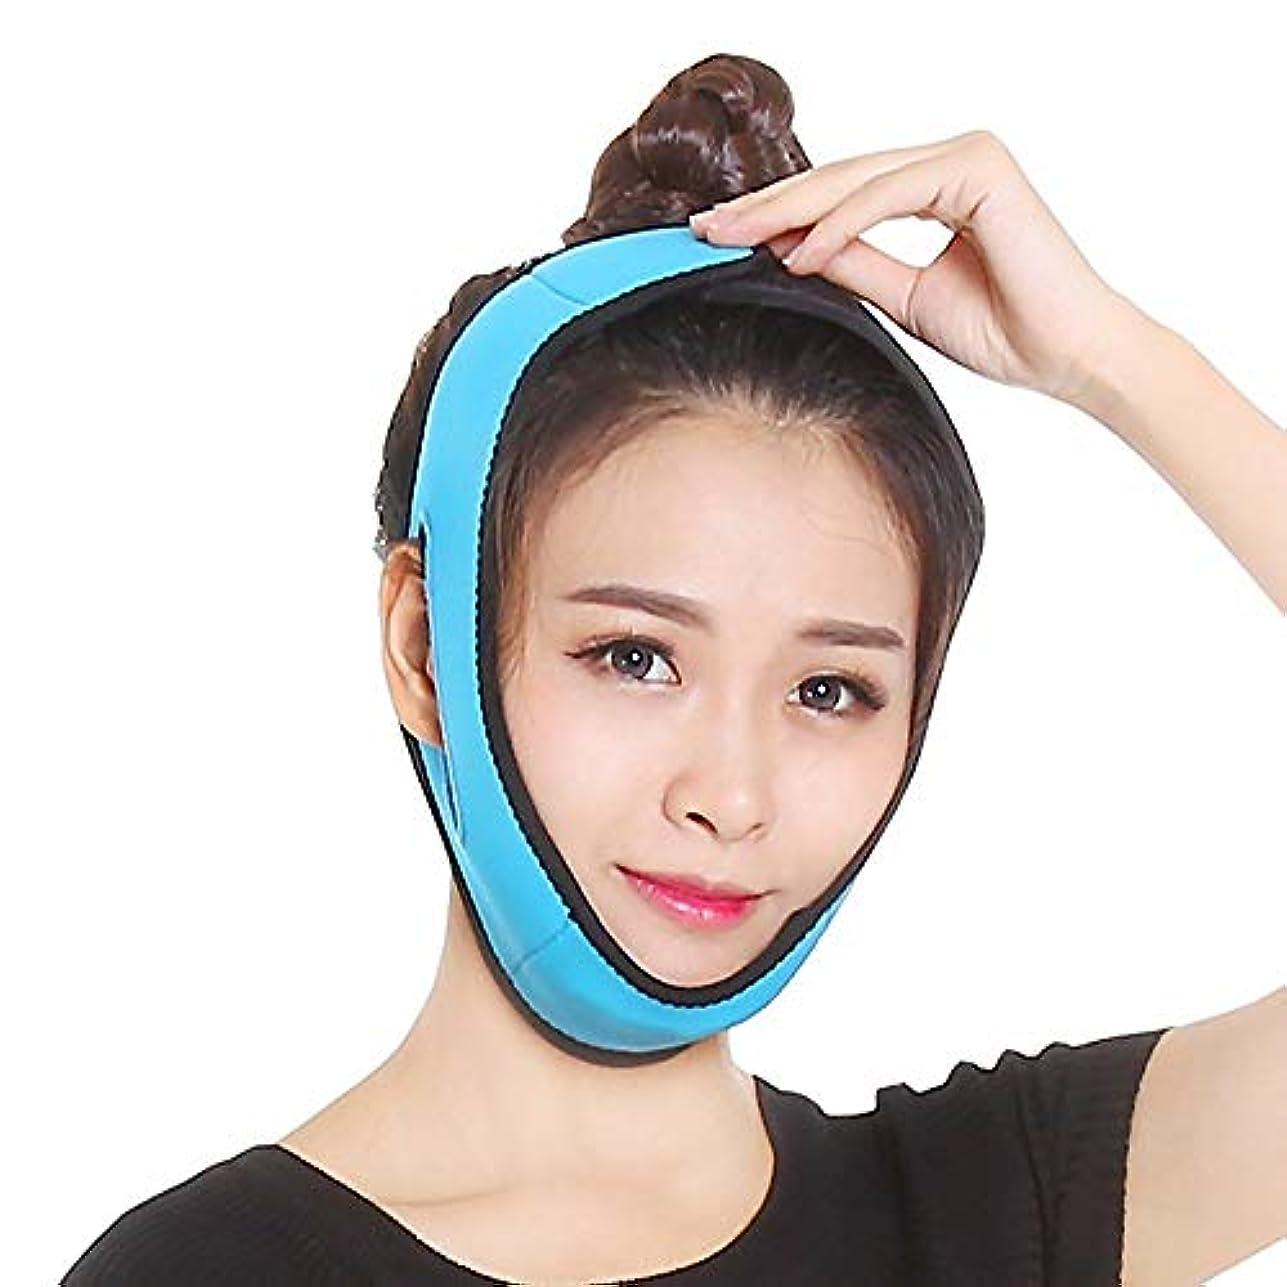 地元カートベッドXINGZHE フェイシャルリフティングスリミングベルト - 薄いフェイス包帯二重あごデバイス無料フェイシャルマッサージ整形マスクを引き締める顔と首の顔スリム フェイスリフティングベルト